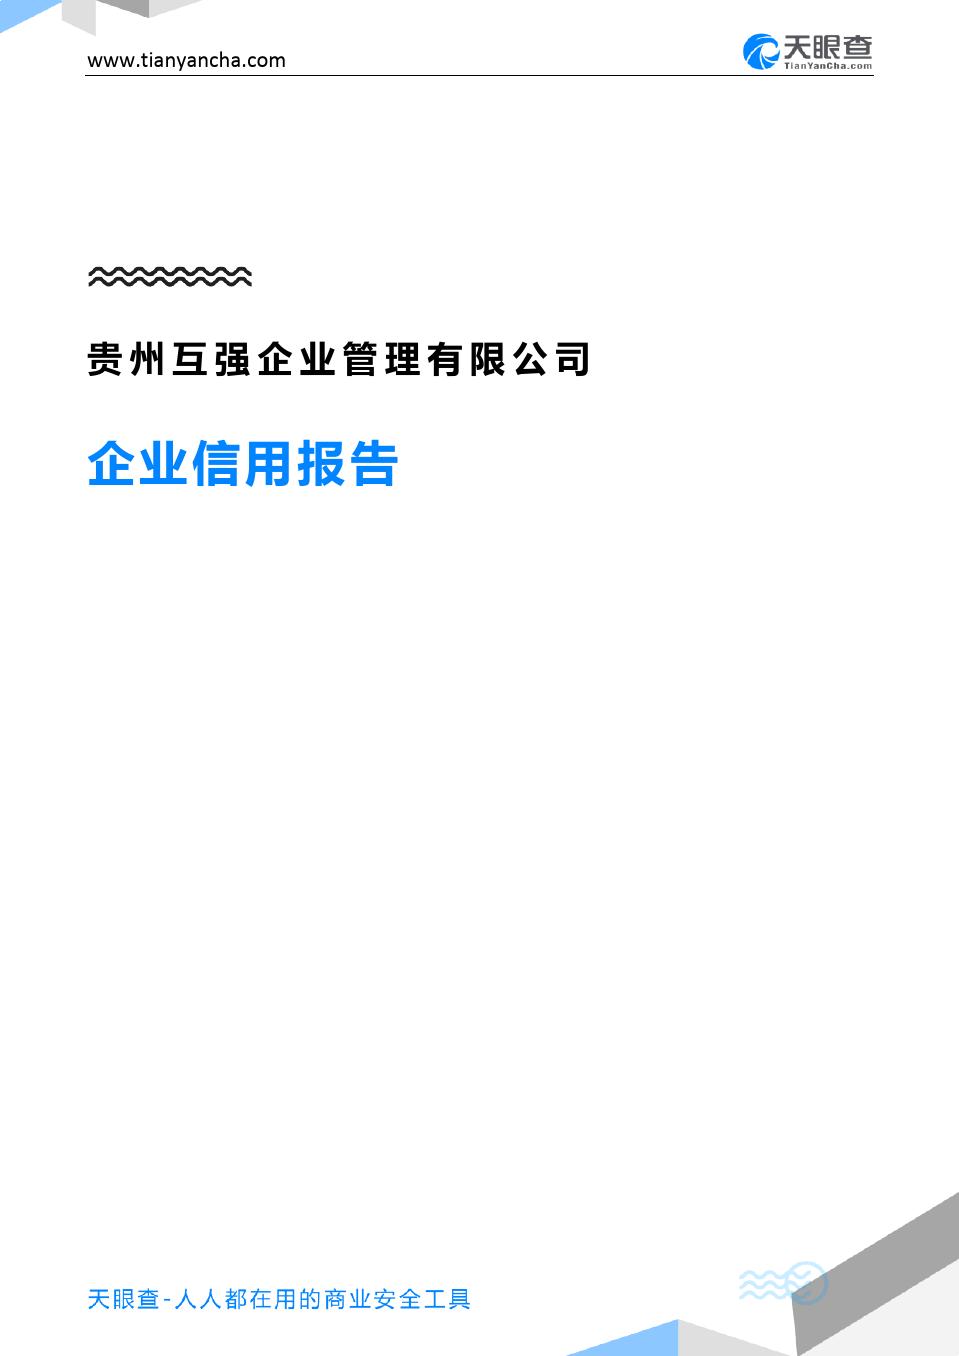 贵州互强企业管理有限公司(企业信用报告)- 天眼查